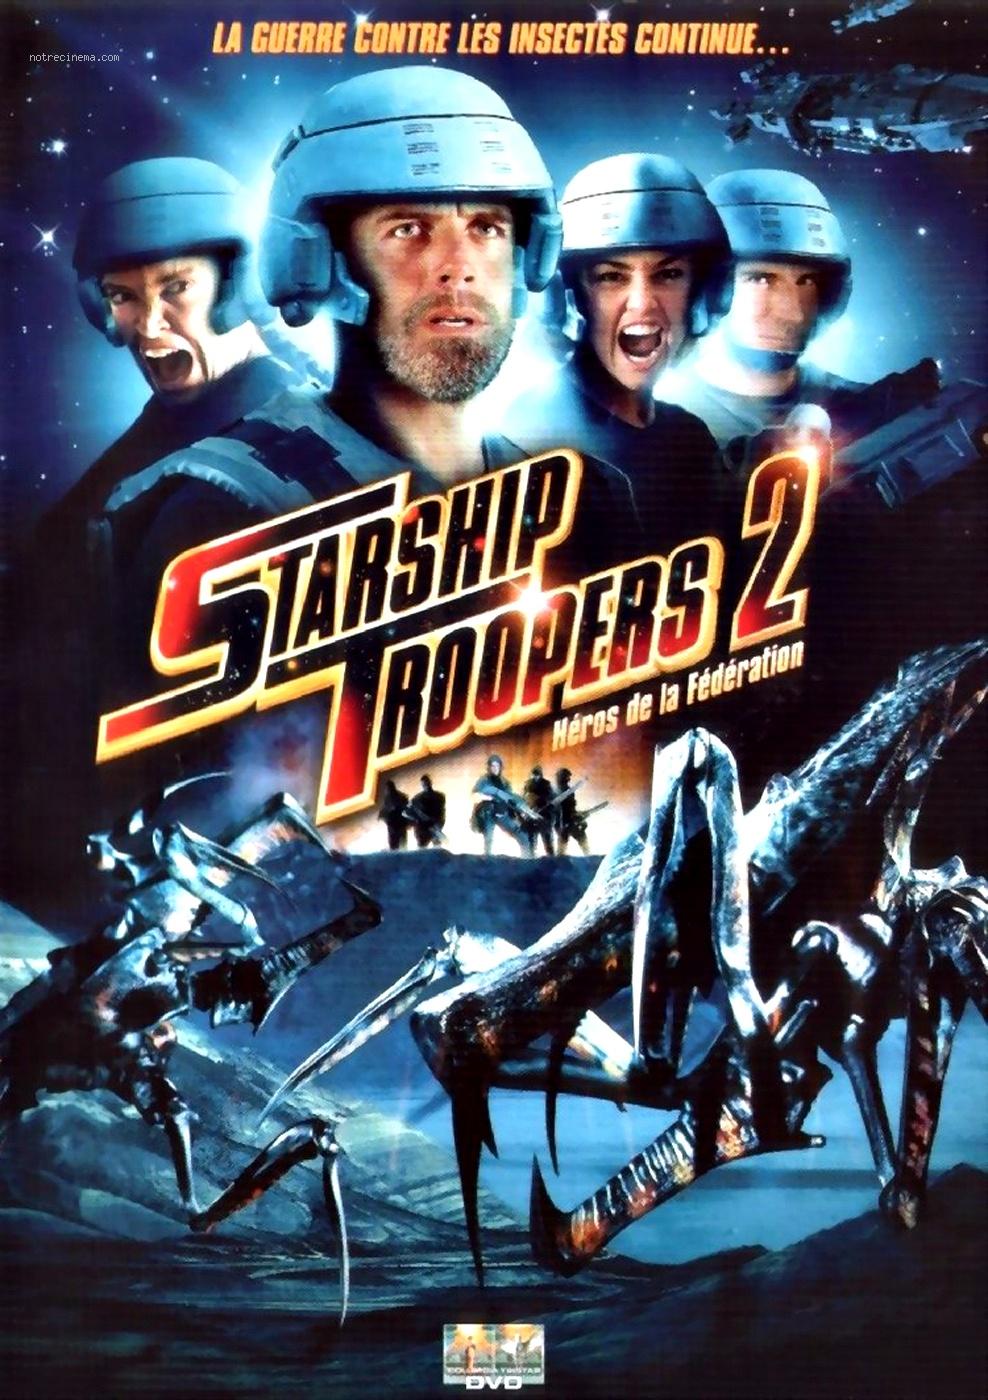 affiche du film Starship Troopers 2 : Héros de la fédération